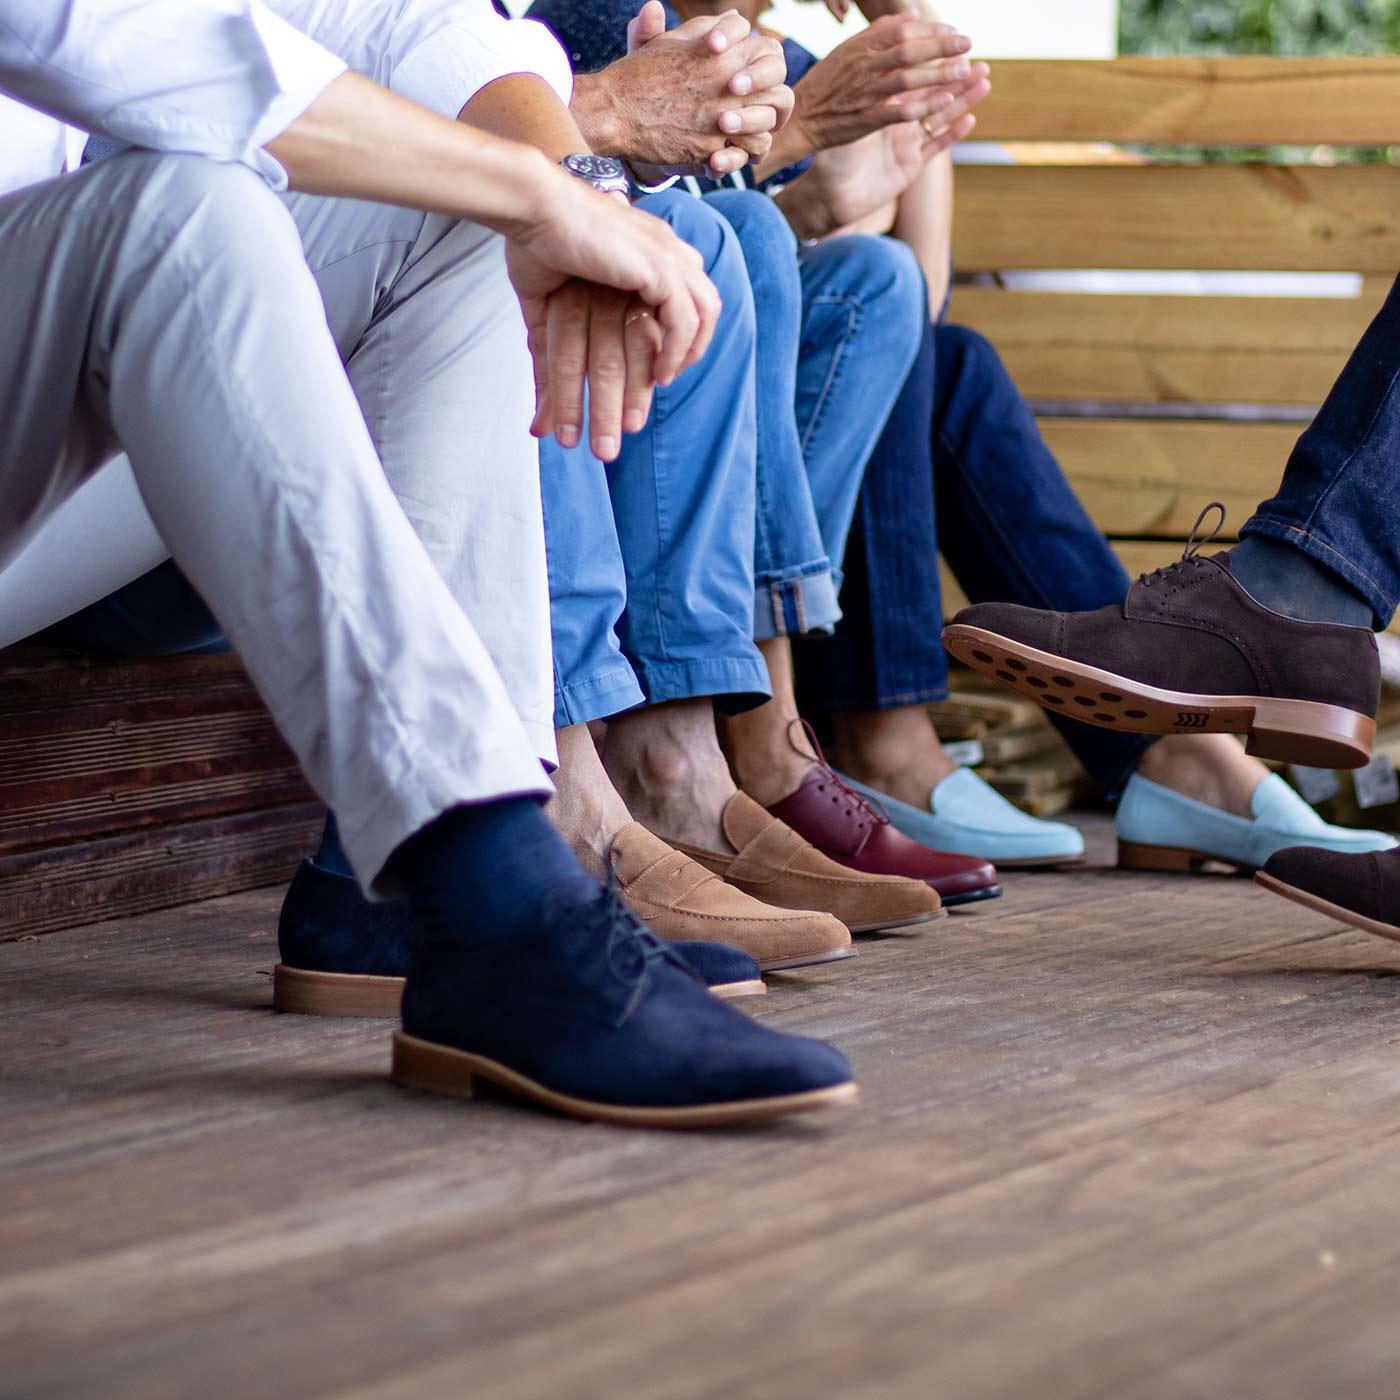 Jolies chaussures haut-de-gamme semelles orthopédiques